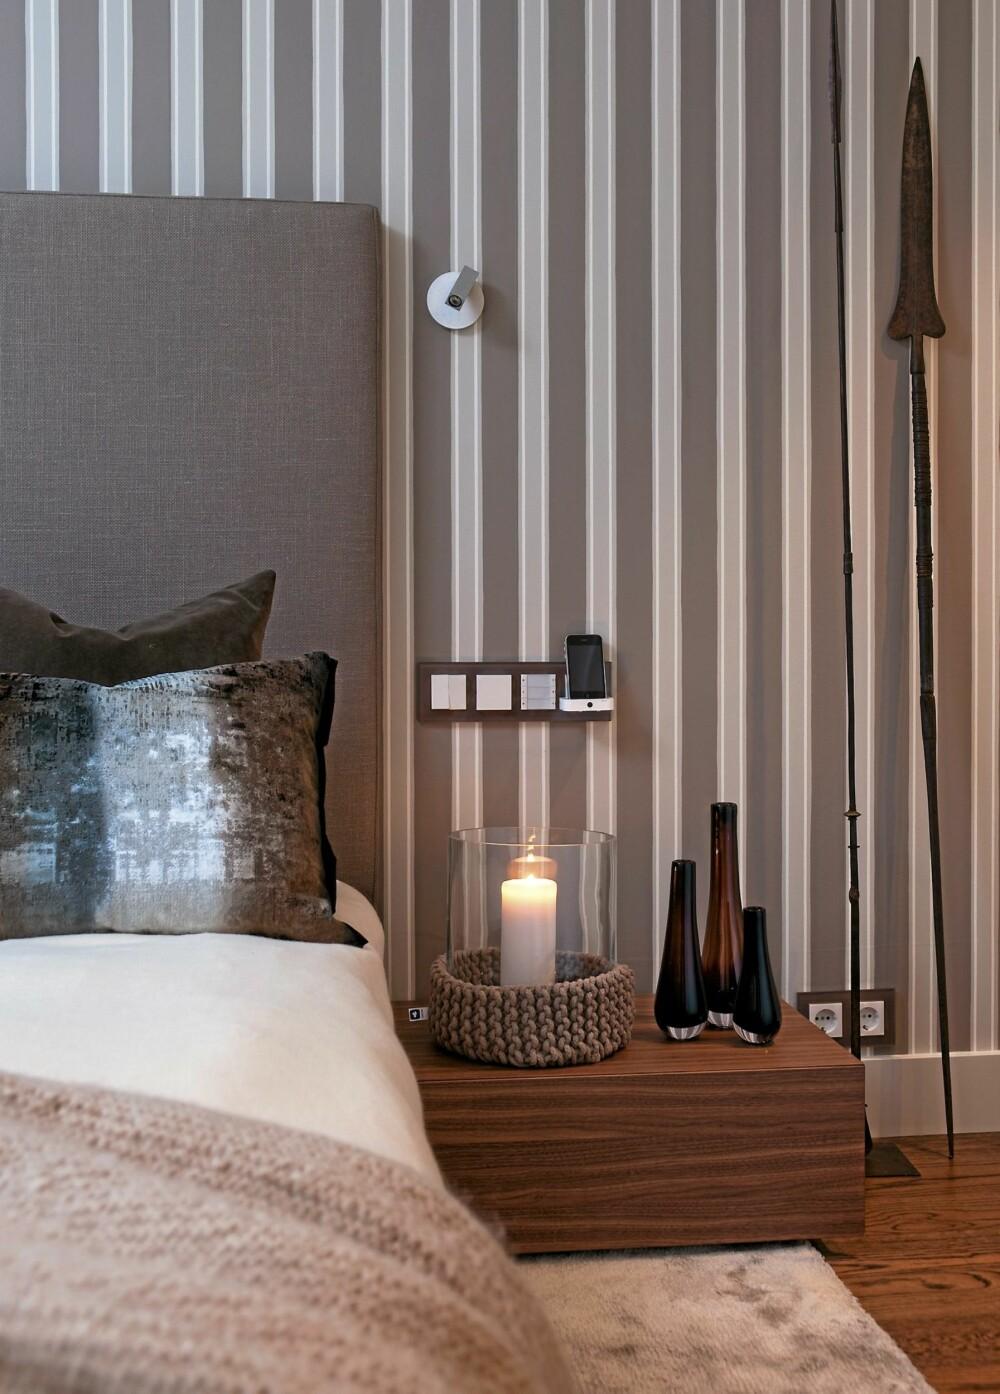 SMART ORDNING. Tapetet bak sengegavlen har striper i samme farge som veggen. Bryterne og mobilladeren ved siden av sengen har passe høyde over nattbordet. Bryterne Gira Espirit fra Mico Matic har dekorative glassrammer.